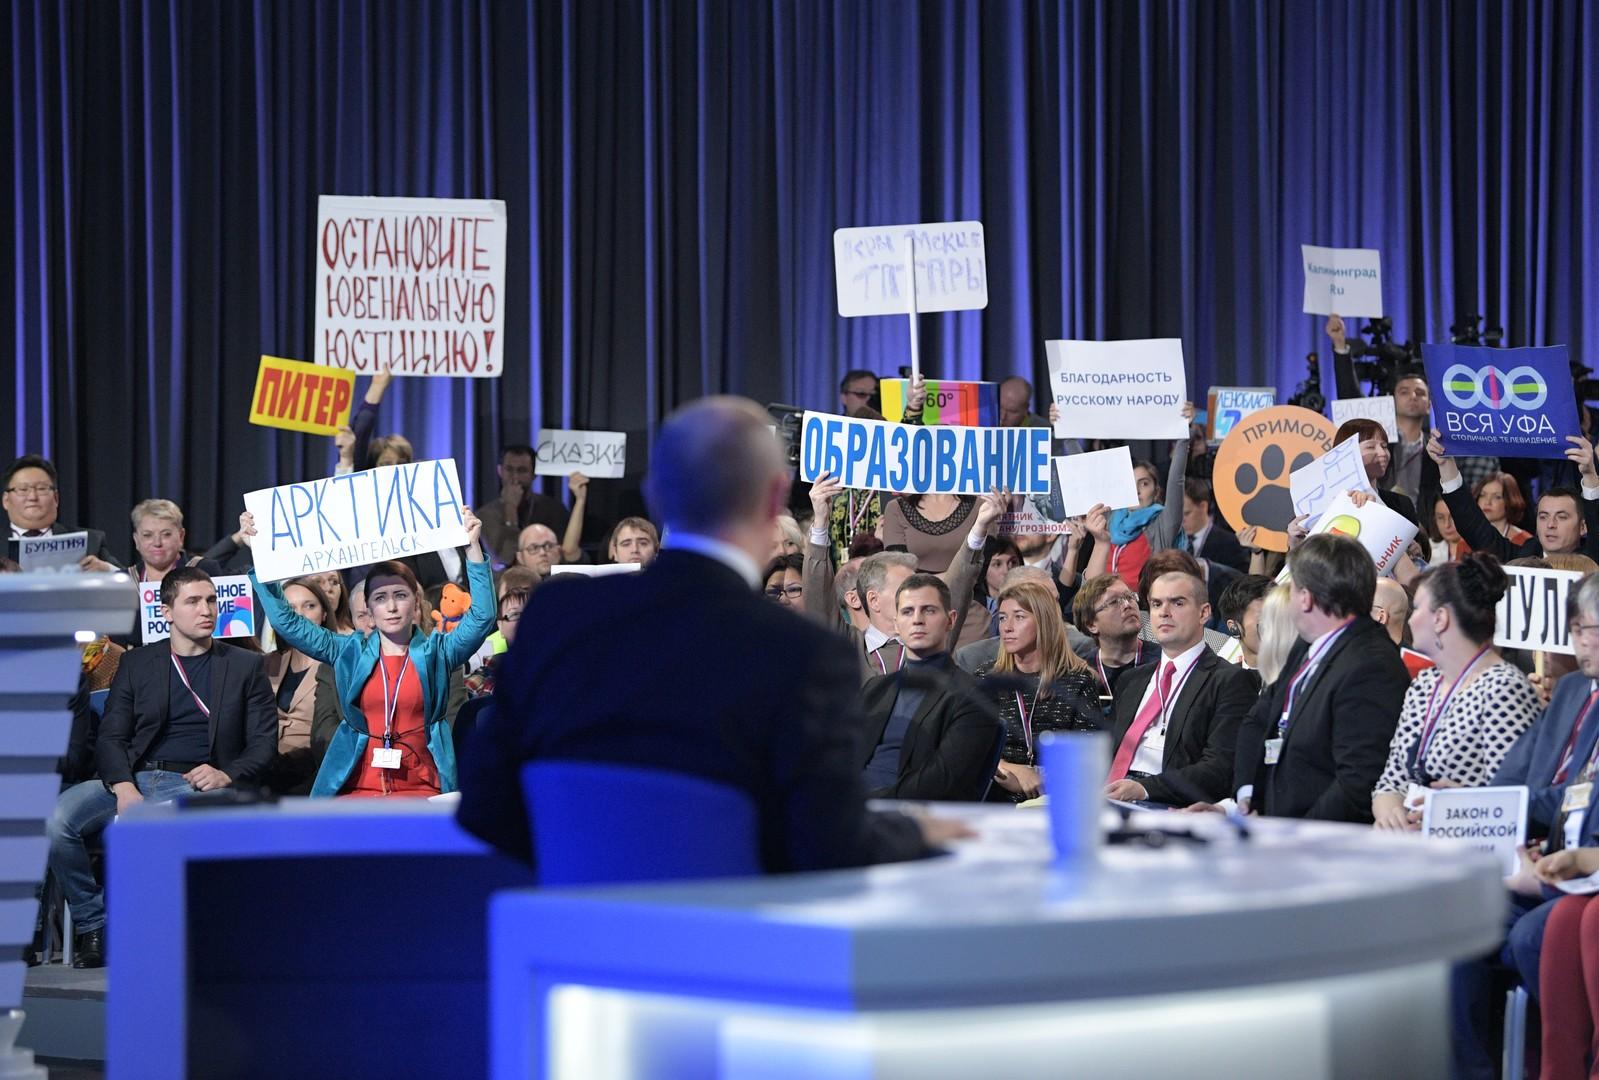 La conférence de presse de Vladimir Poutine en chiffres et images